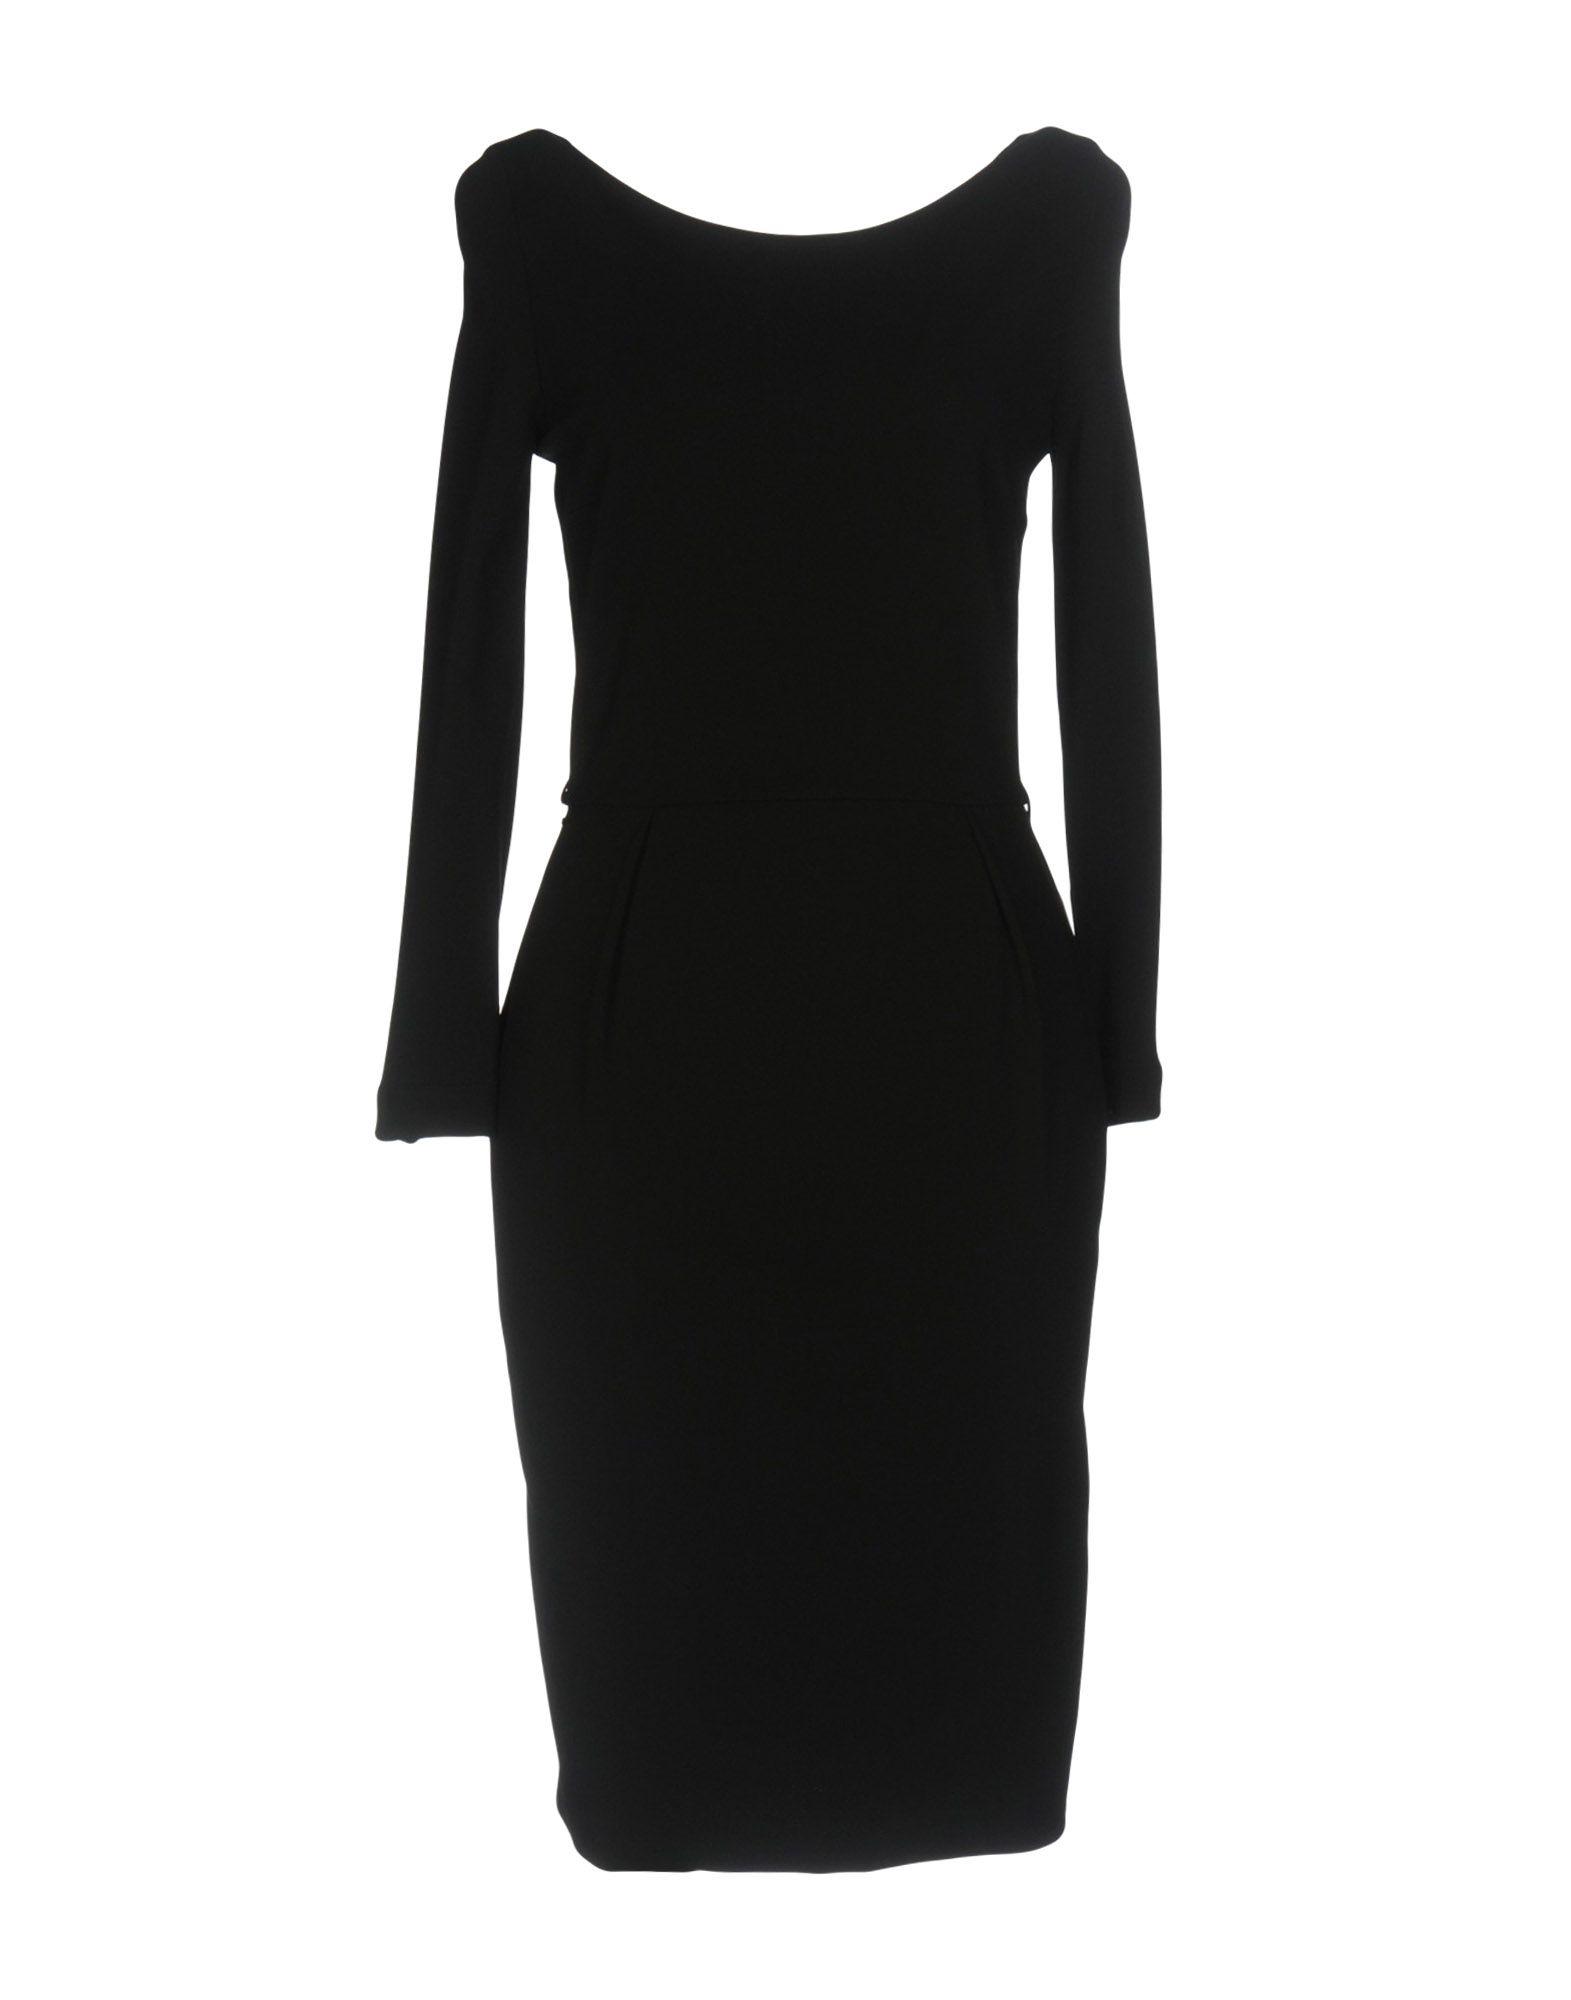 GUCCI Damen Kurzes Kleid Farbe Schwarz Größe 4